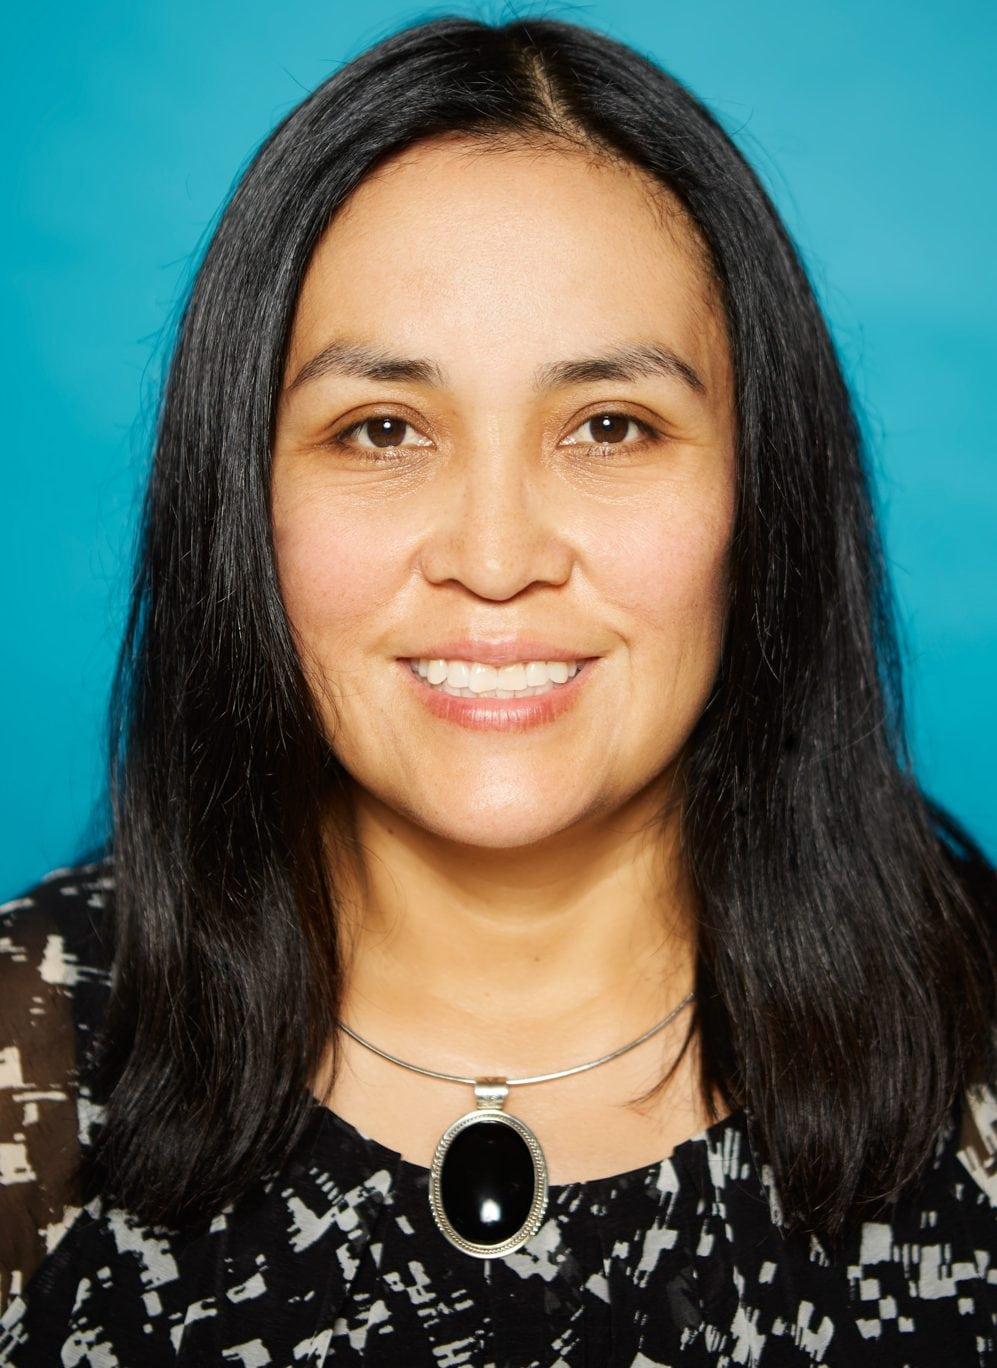 Myra Francisco